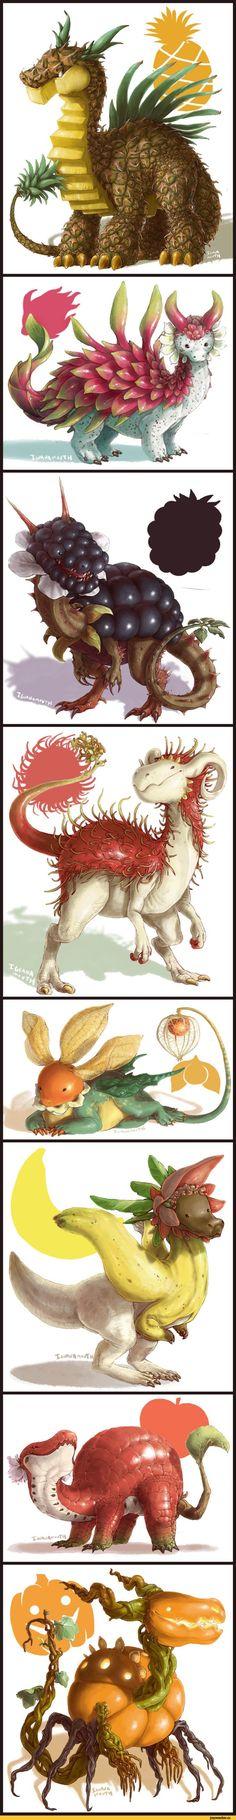 дракон,драконофикация,фрукты